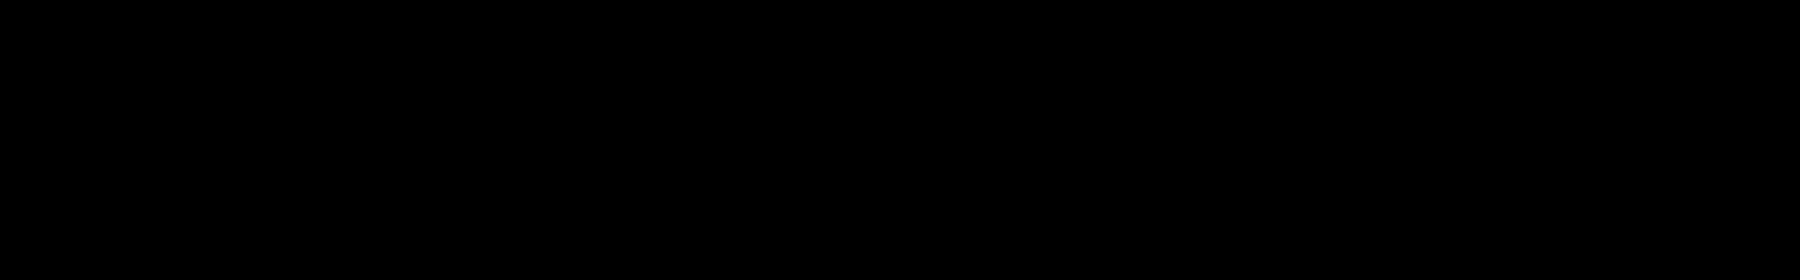 Berlin Electronica audio waveform